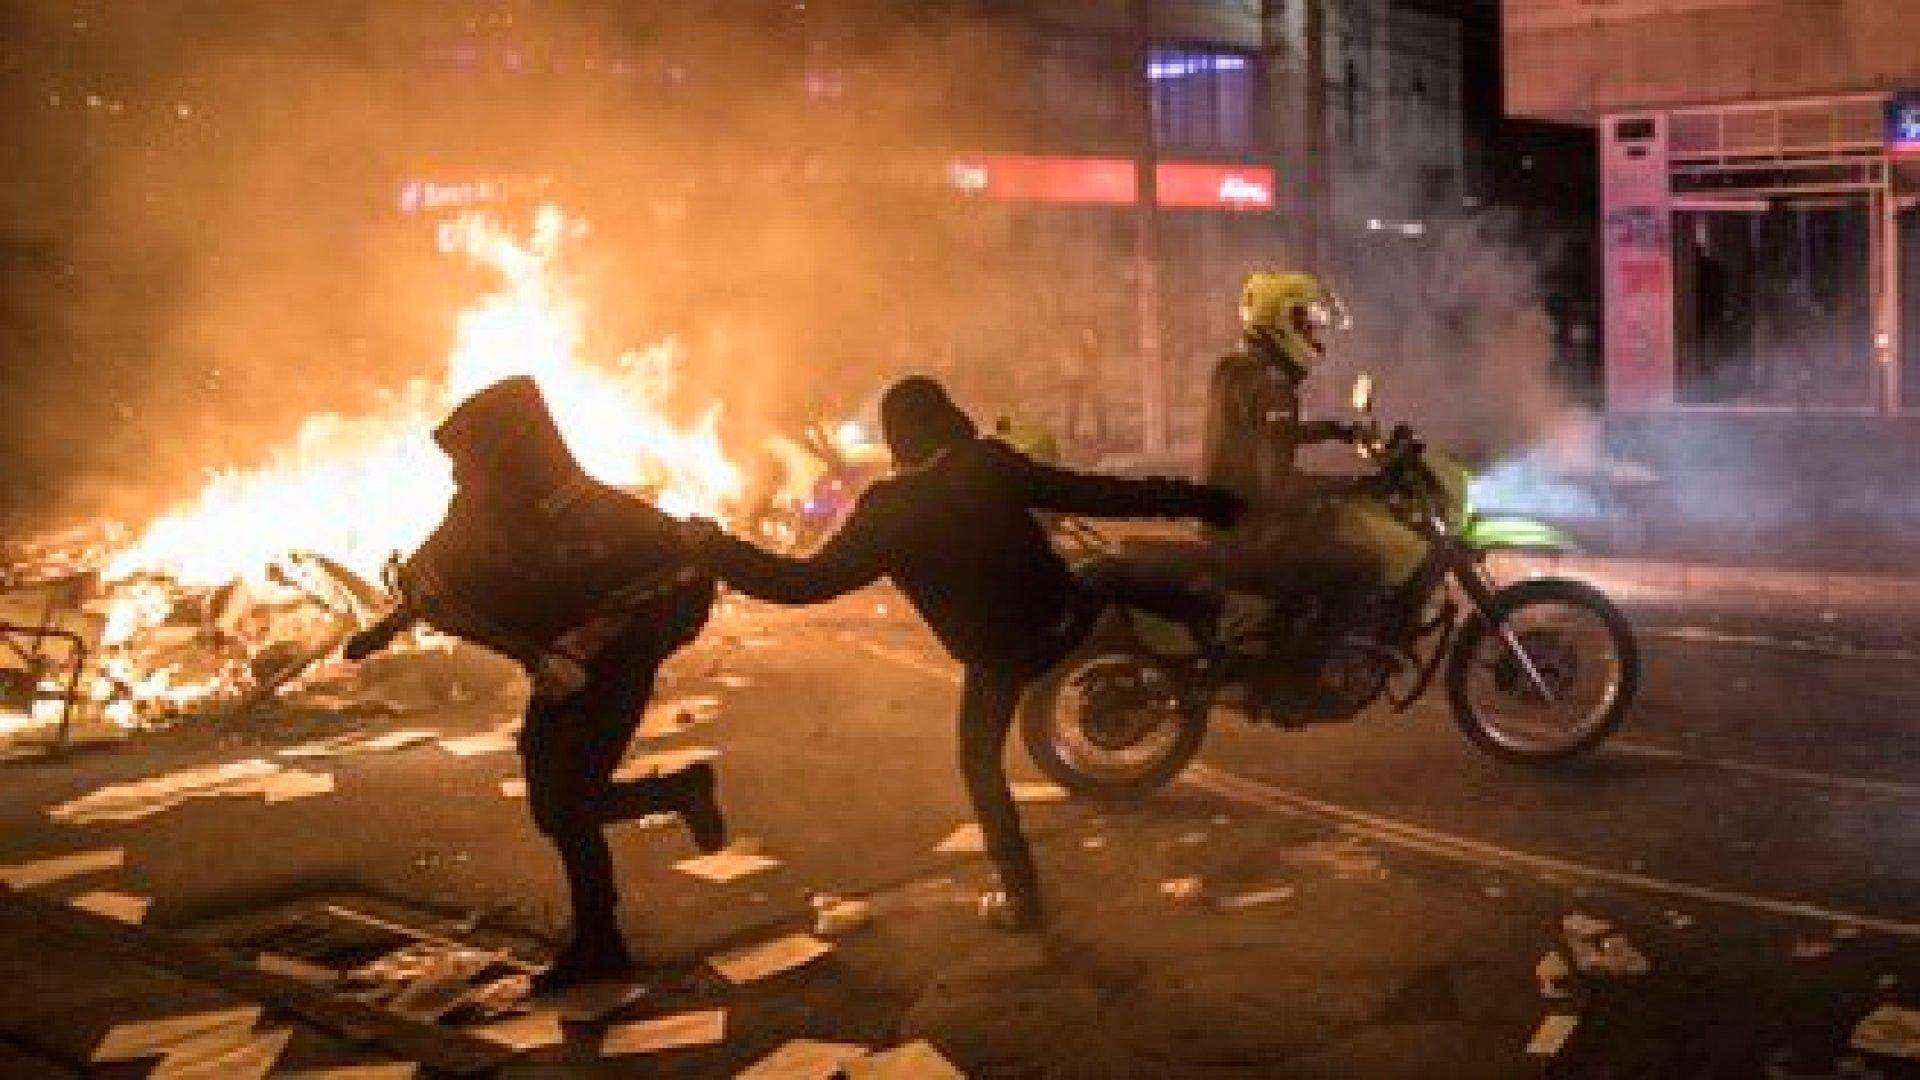 Un manifestante le pega una patada a un policía en motocicleta en Bogotá, durante la protesta nocturna (AP Photo/Ivan Valencia)